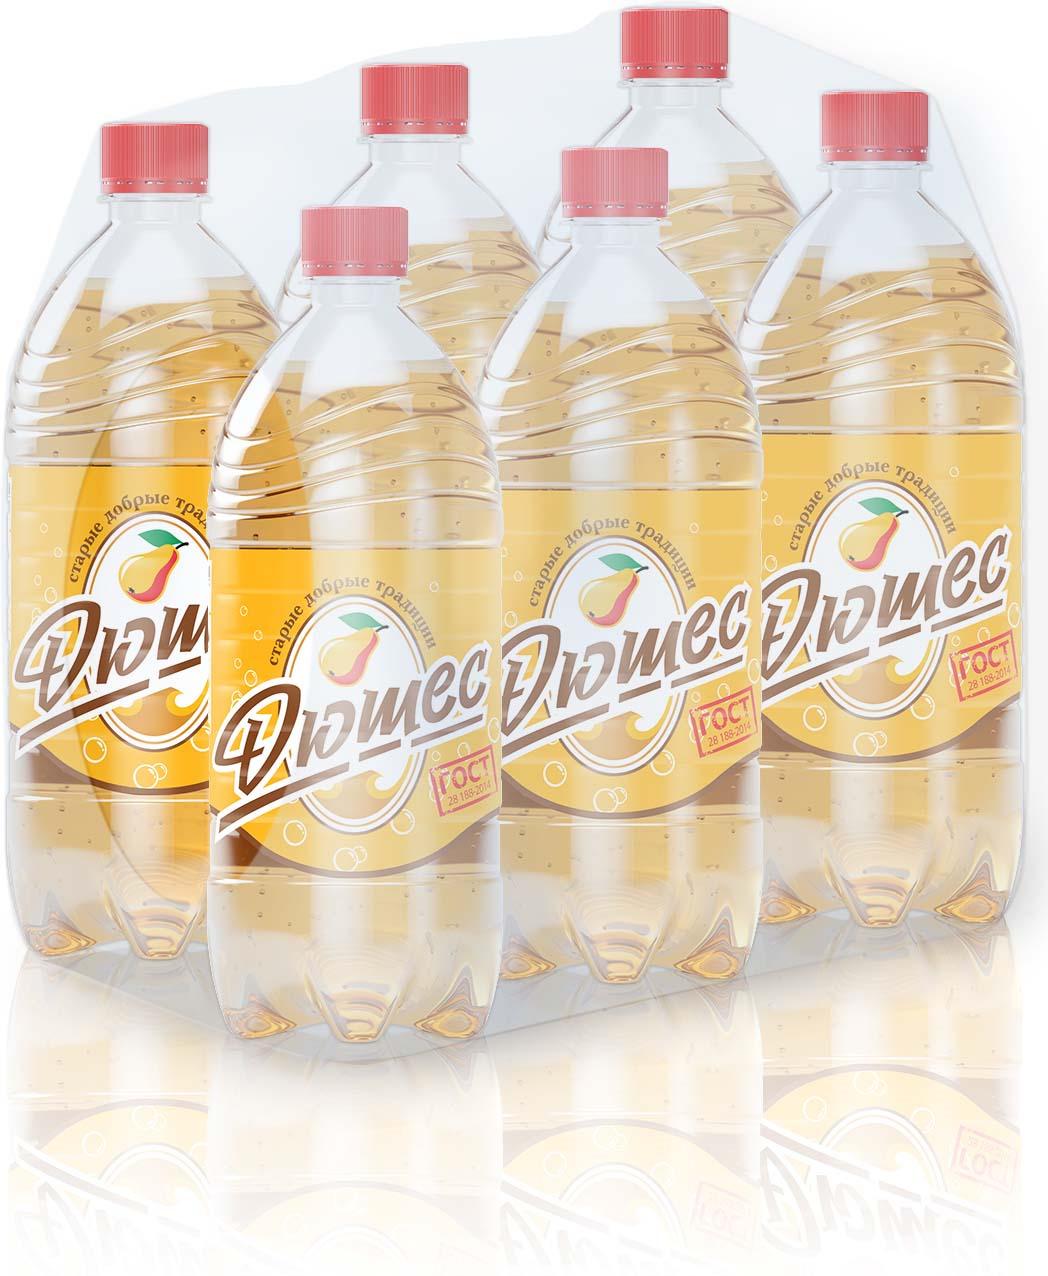 Лимонад Старые добрый традиции, дюшес, 6 шт по 1 л